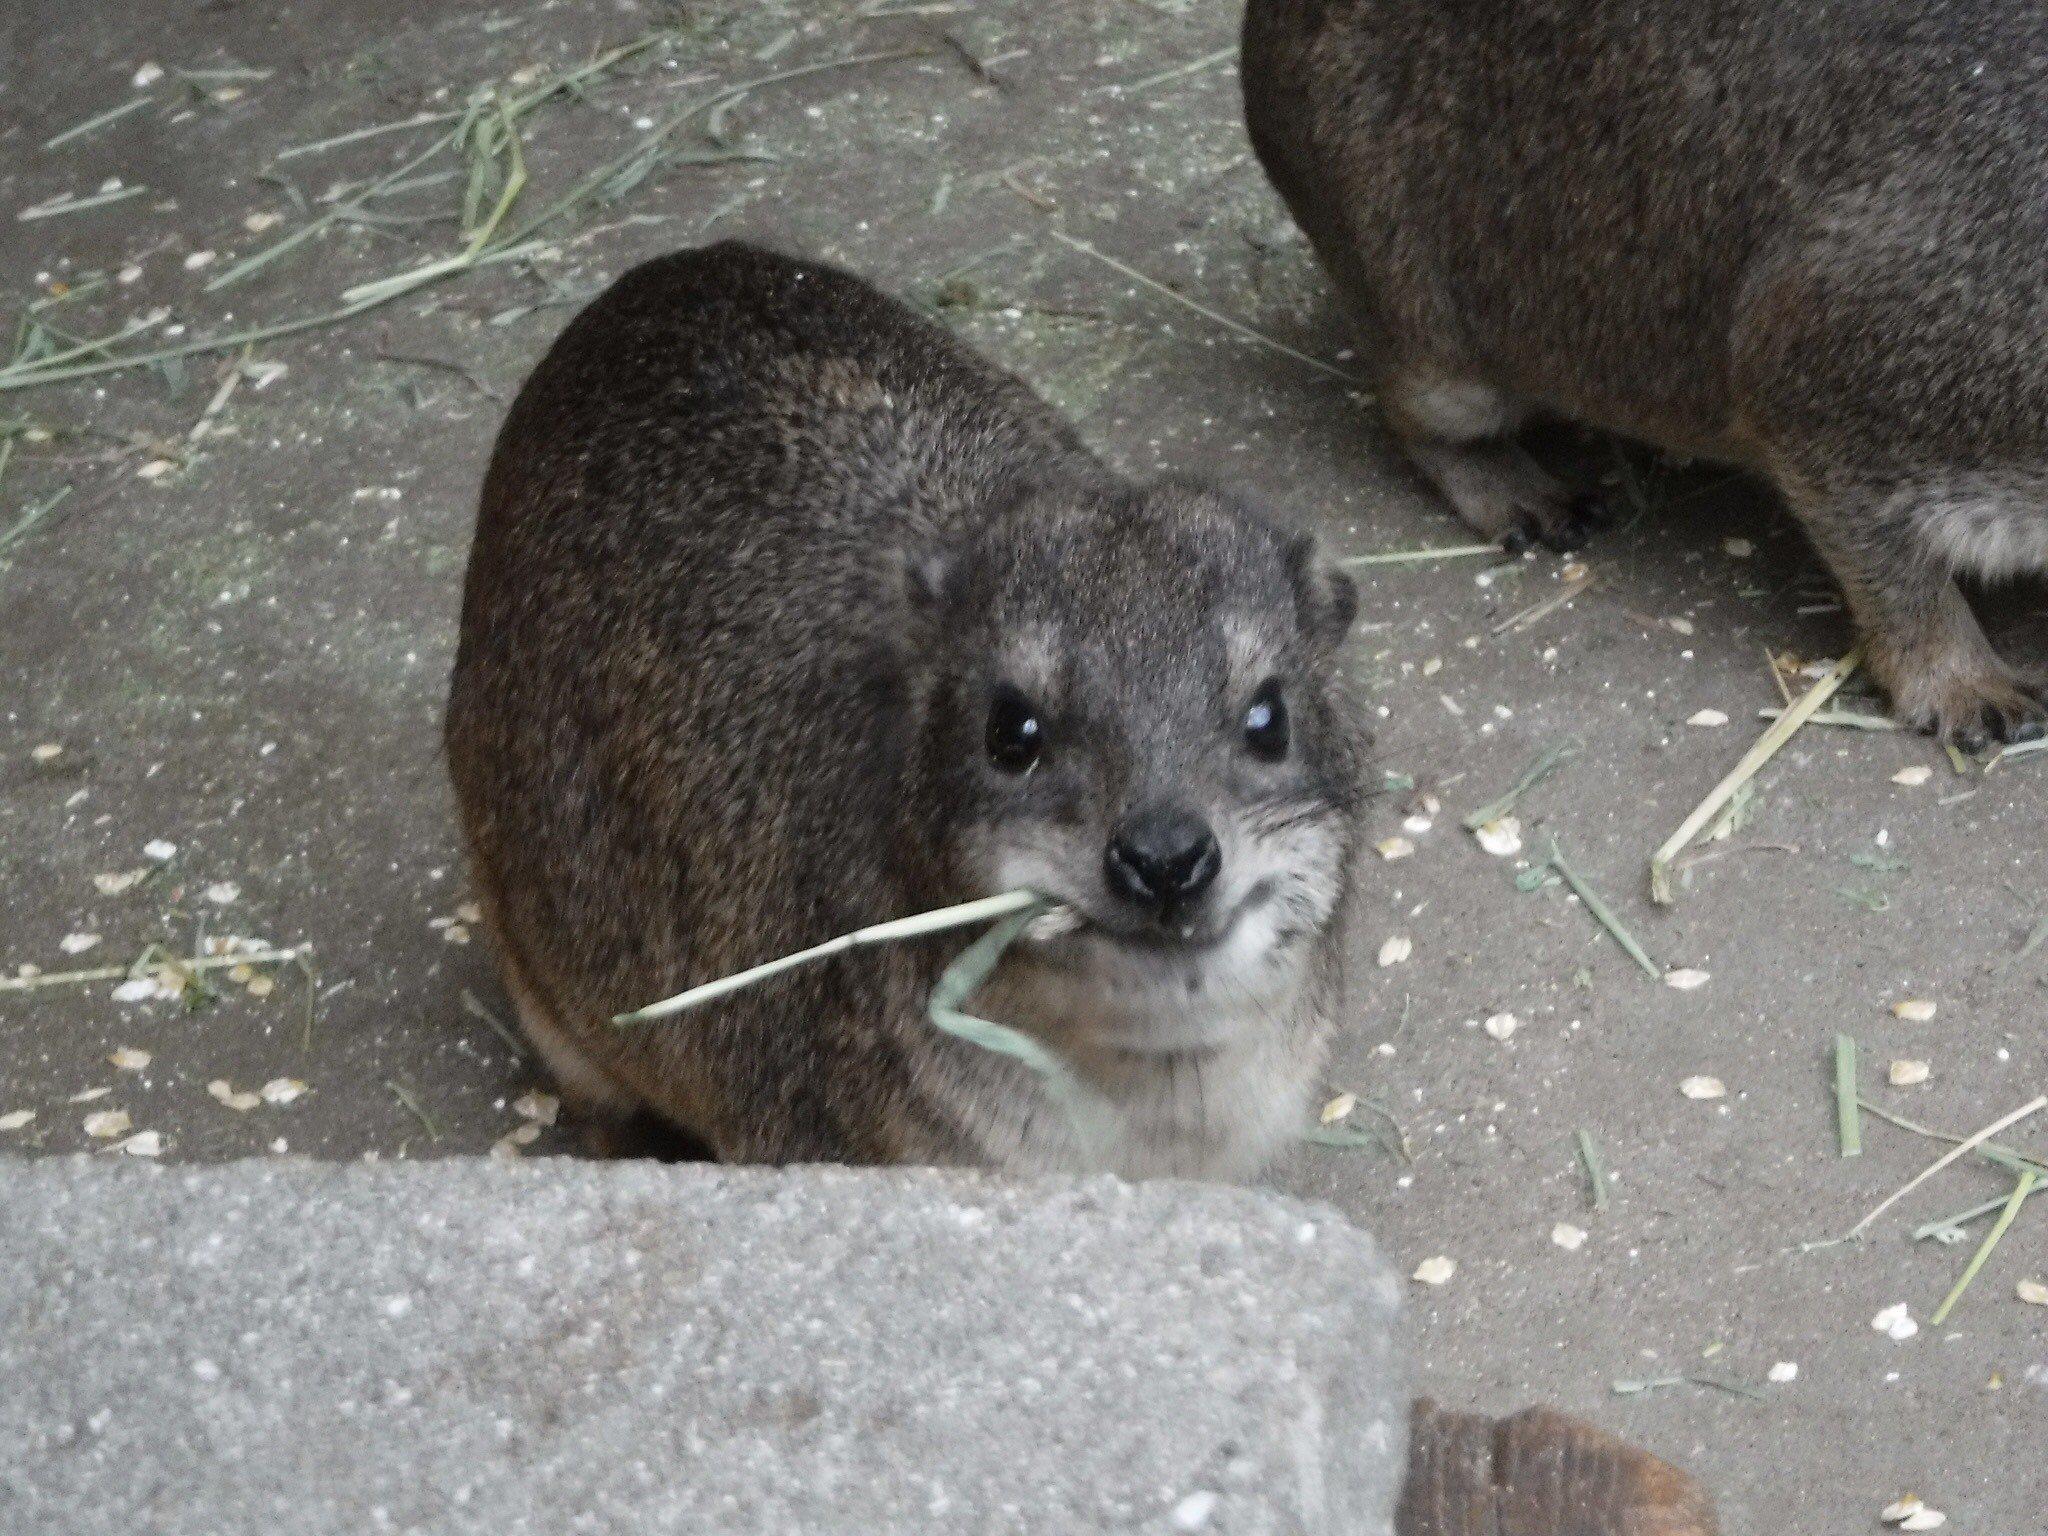 http://www.asazoo.jp/animal/blog/4_7.jpg